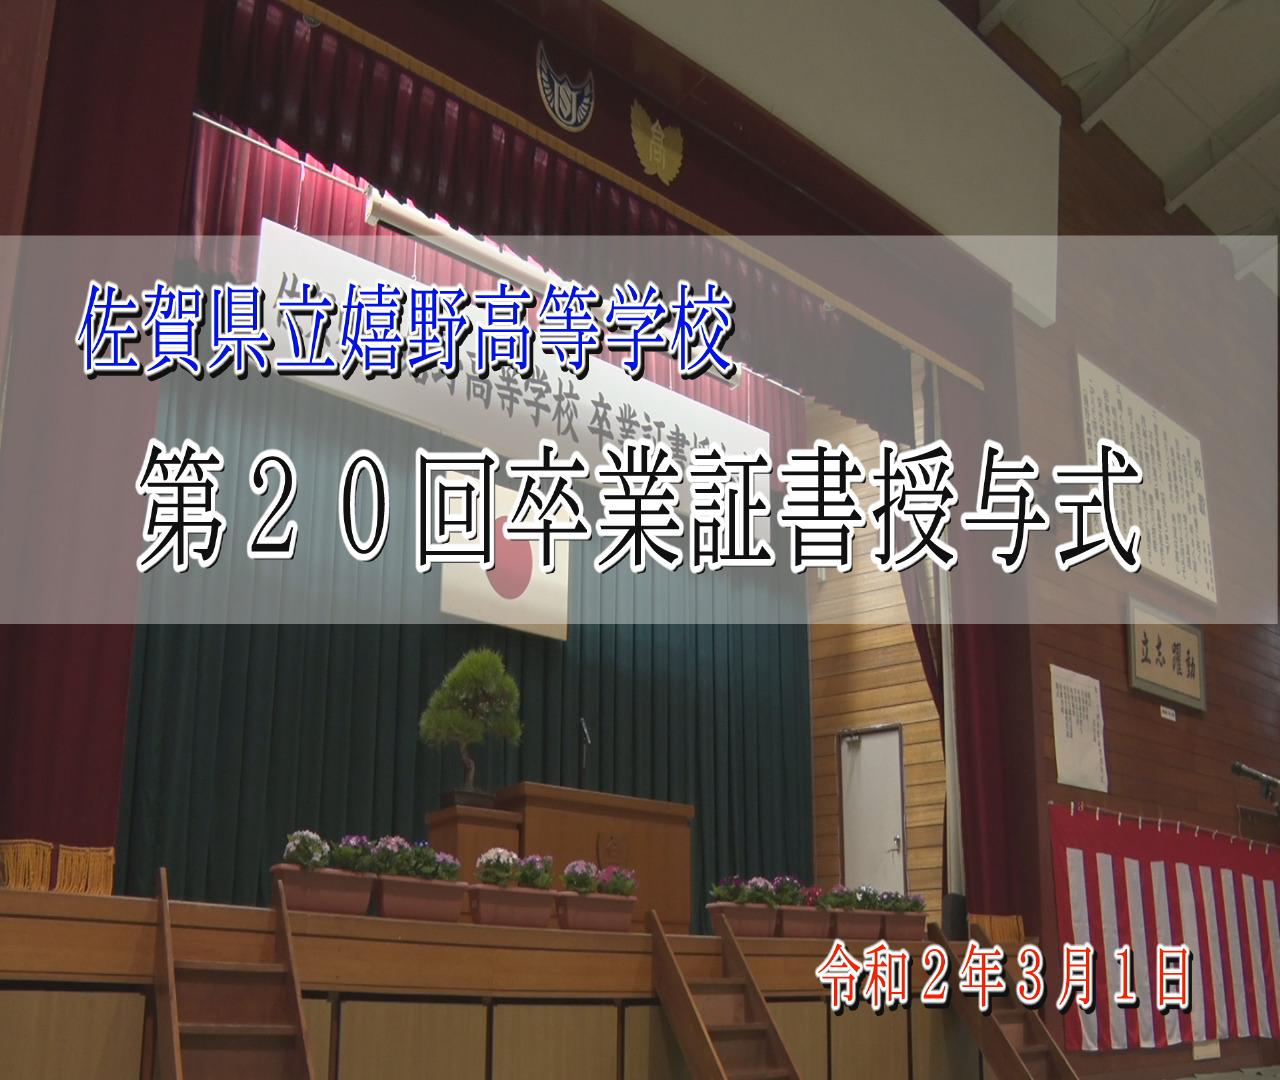 嬉野高校卒業証書授与式